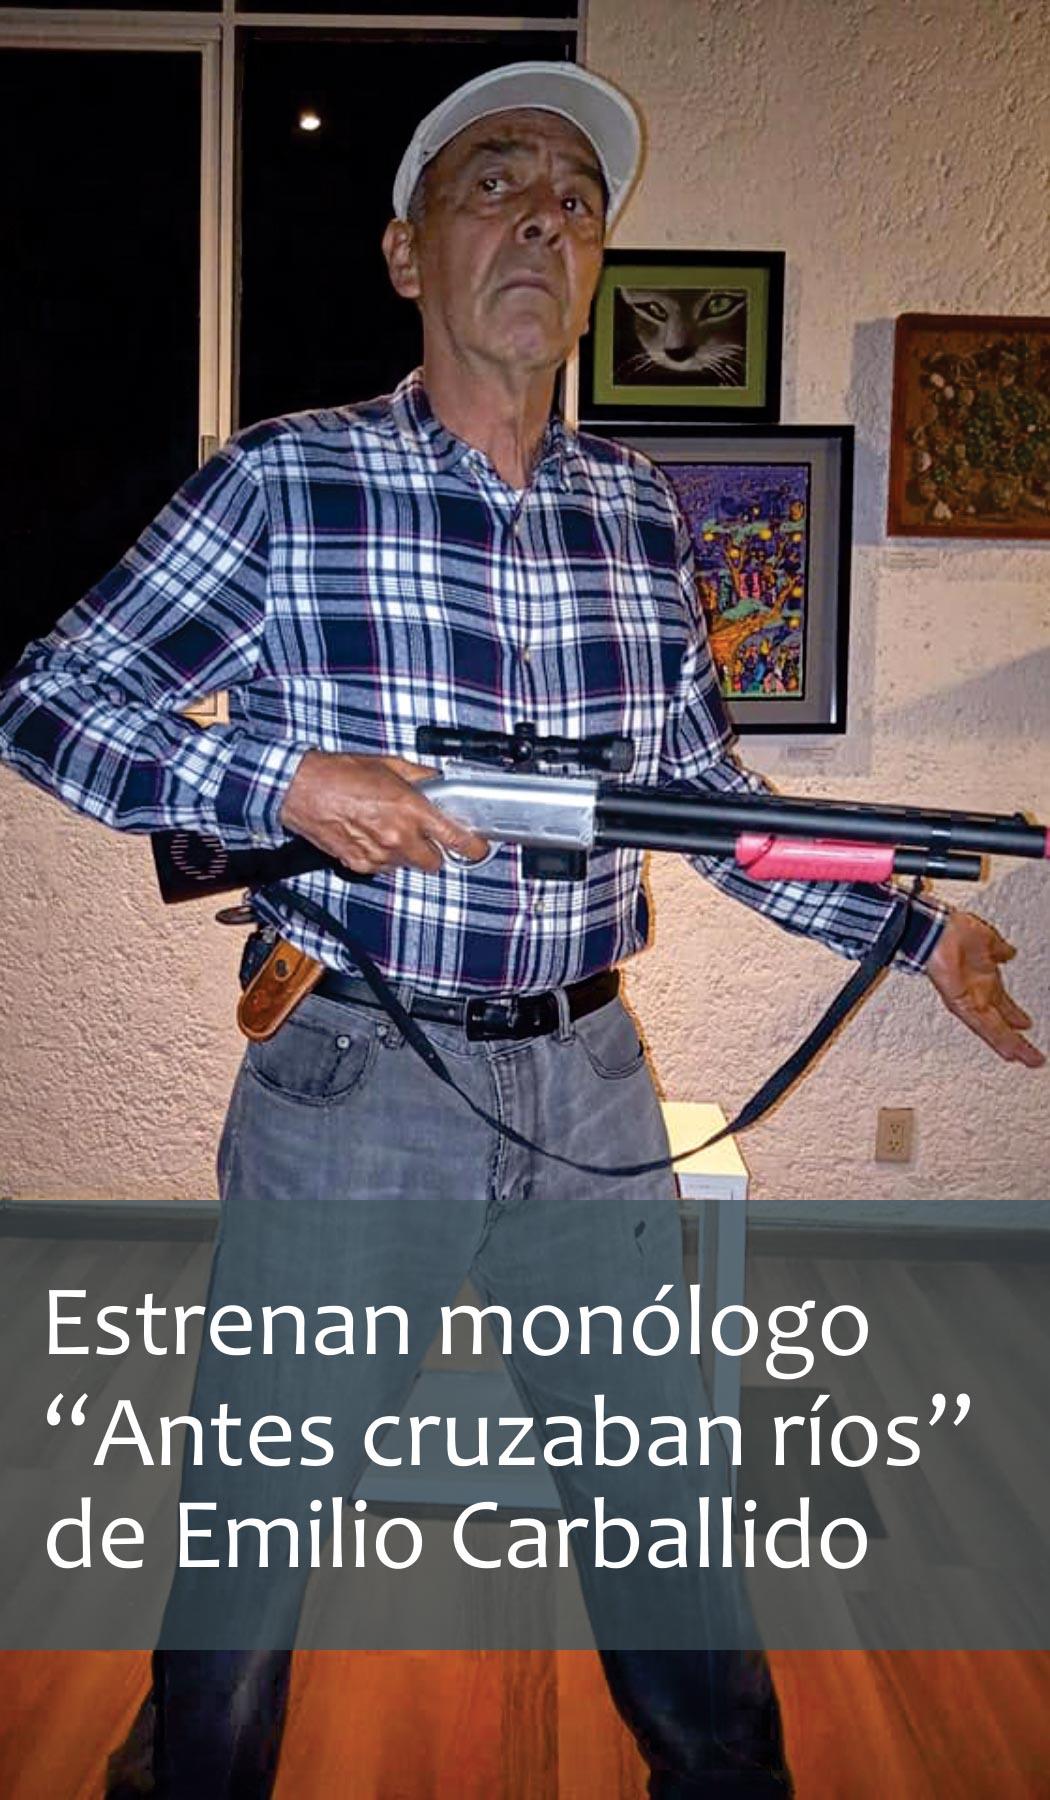 """Estrenan monólogo """"Antes cruzaban ríos"""" de Emilio Carballido"""